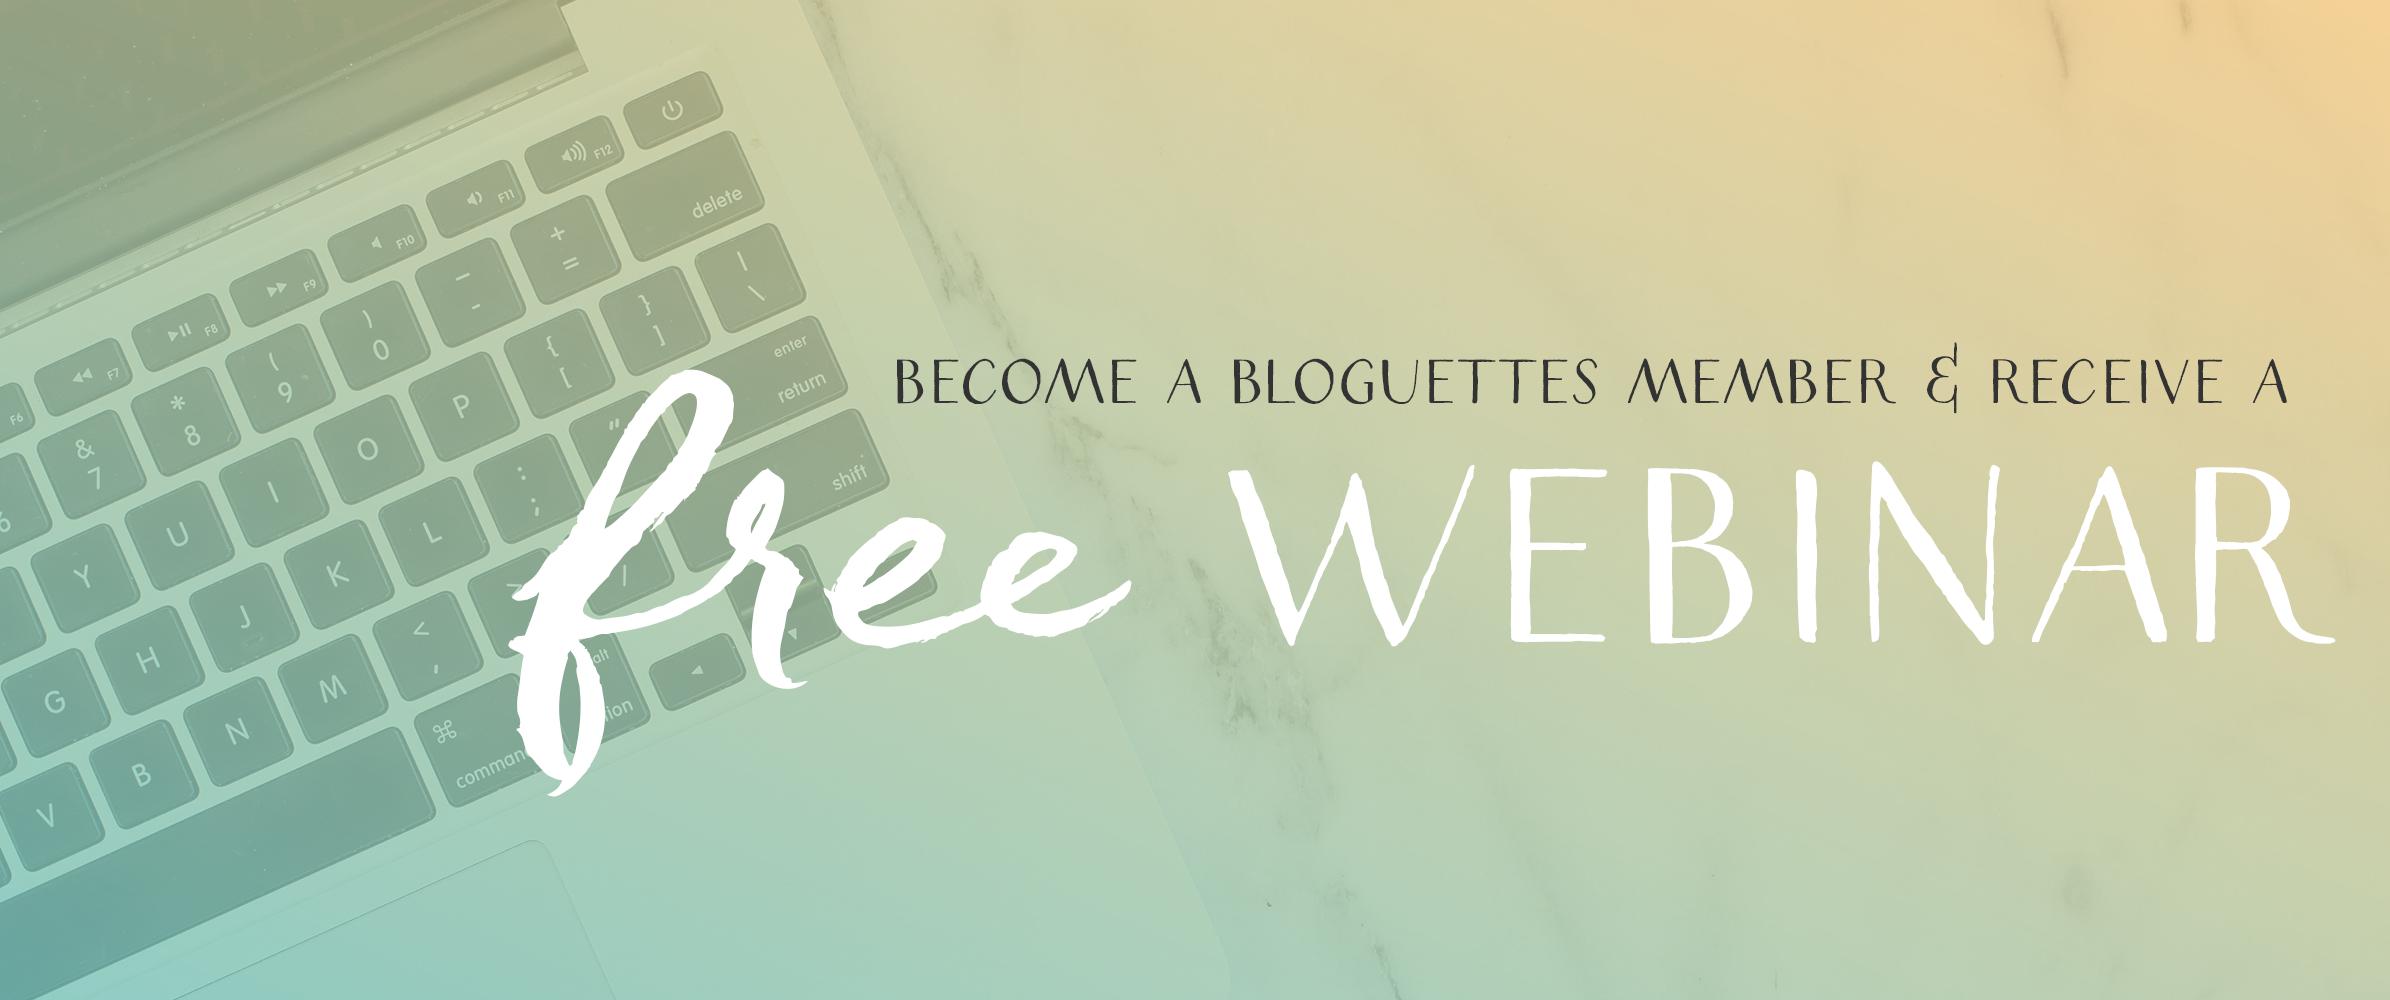 BloguettesWebinar-Sliders-FreeWebinar.png